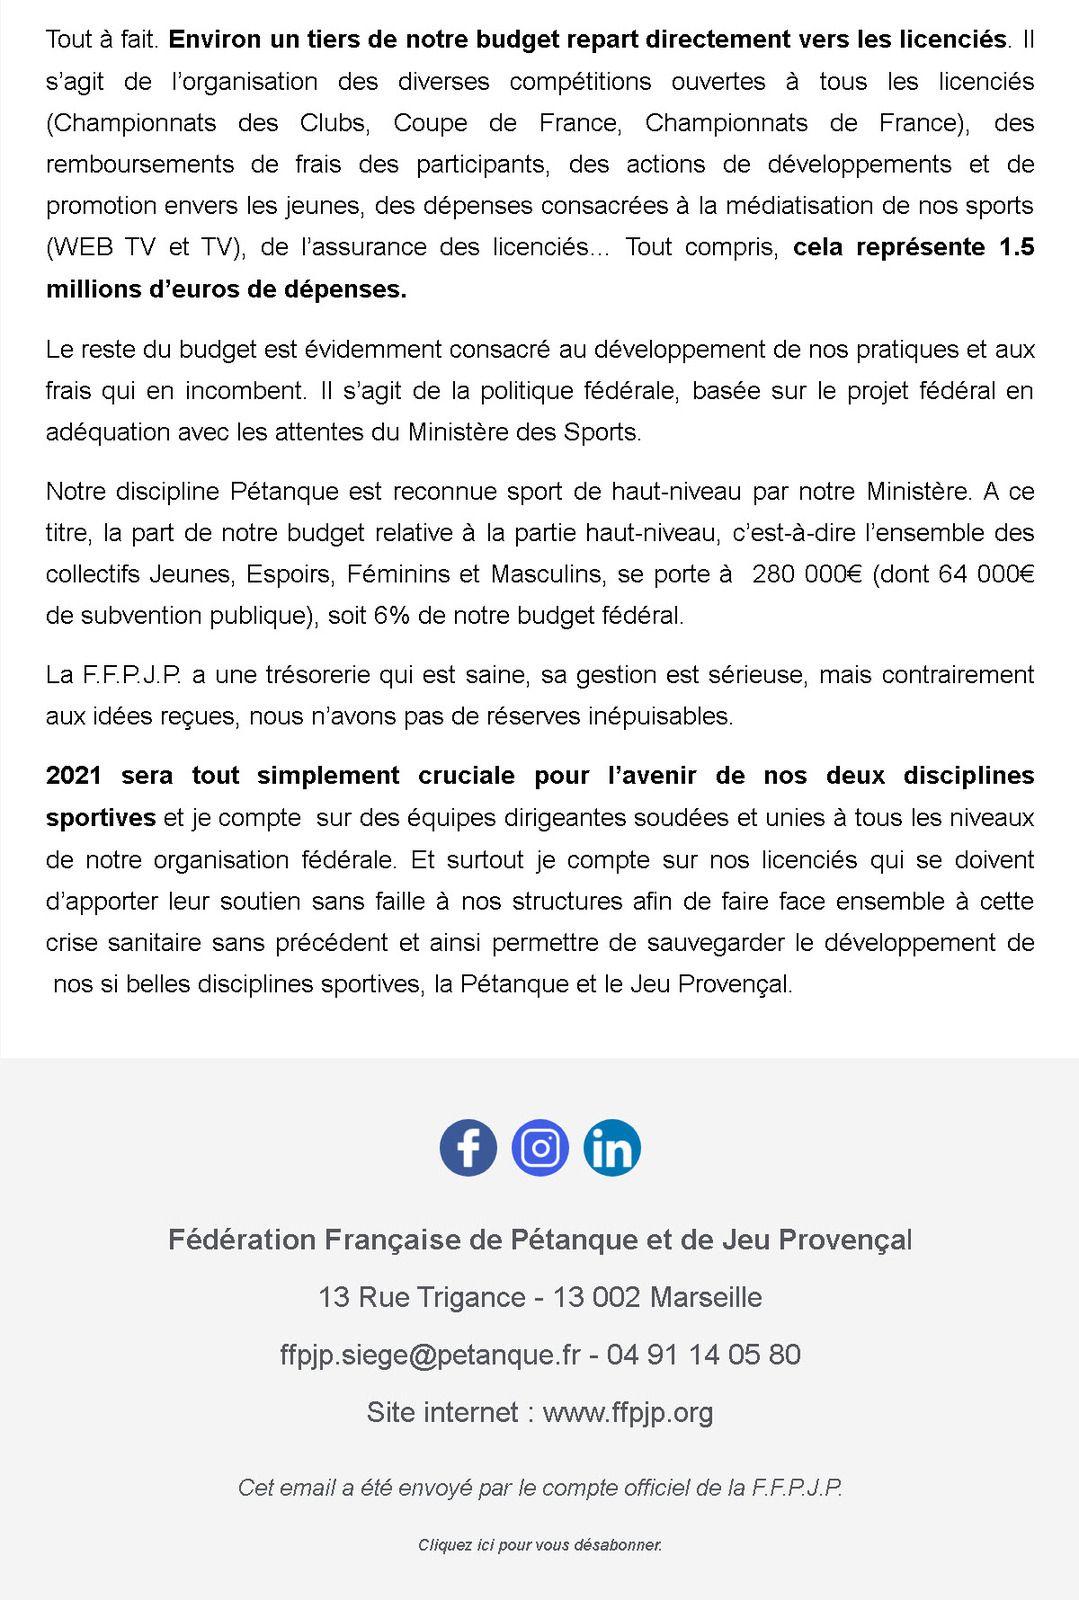 Communiqué Officiel FFPJP 18 janvier 2021